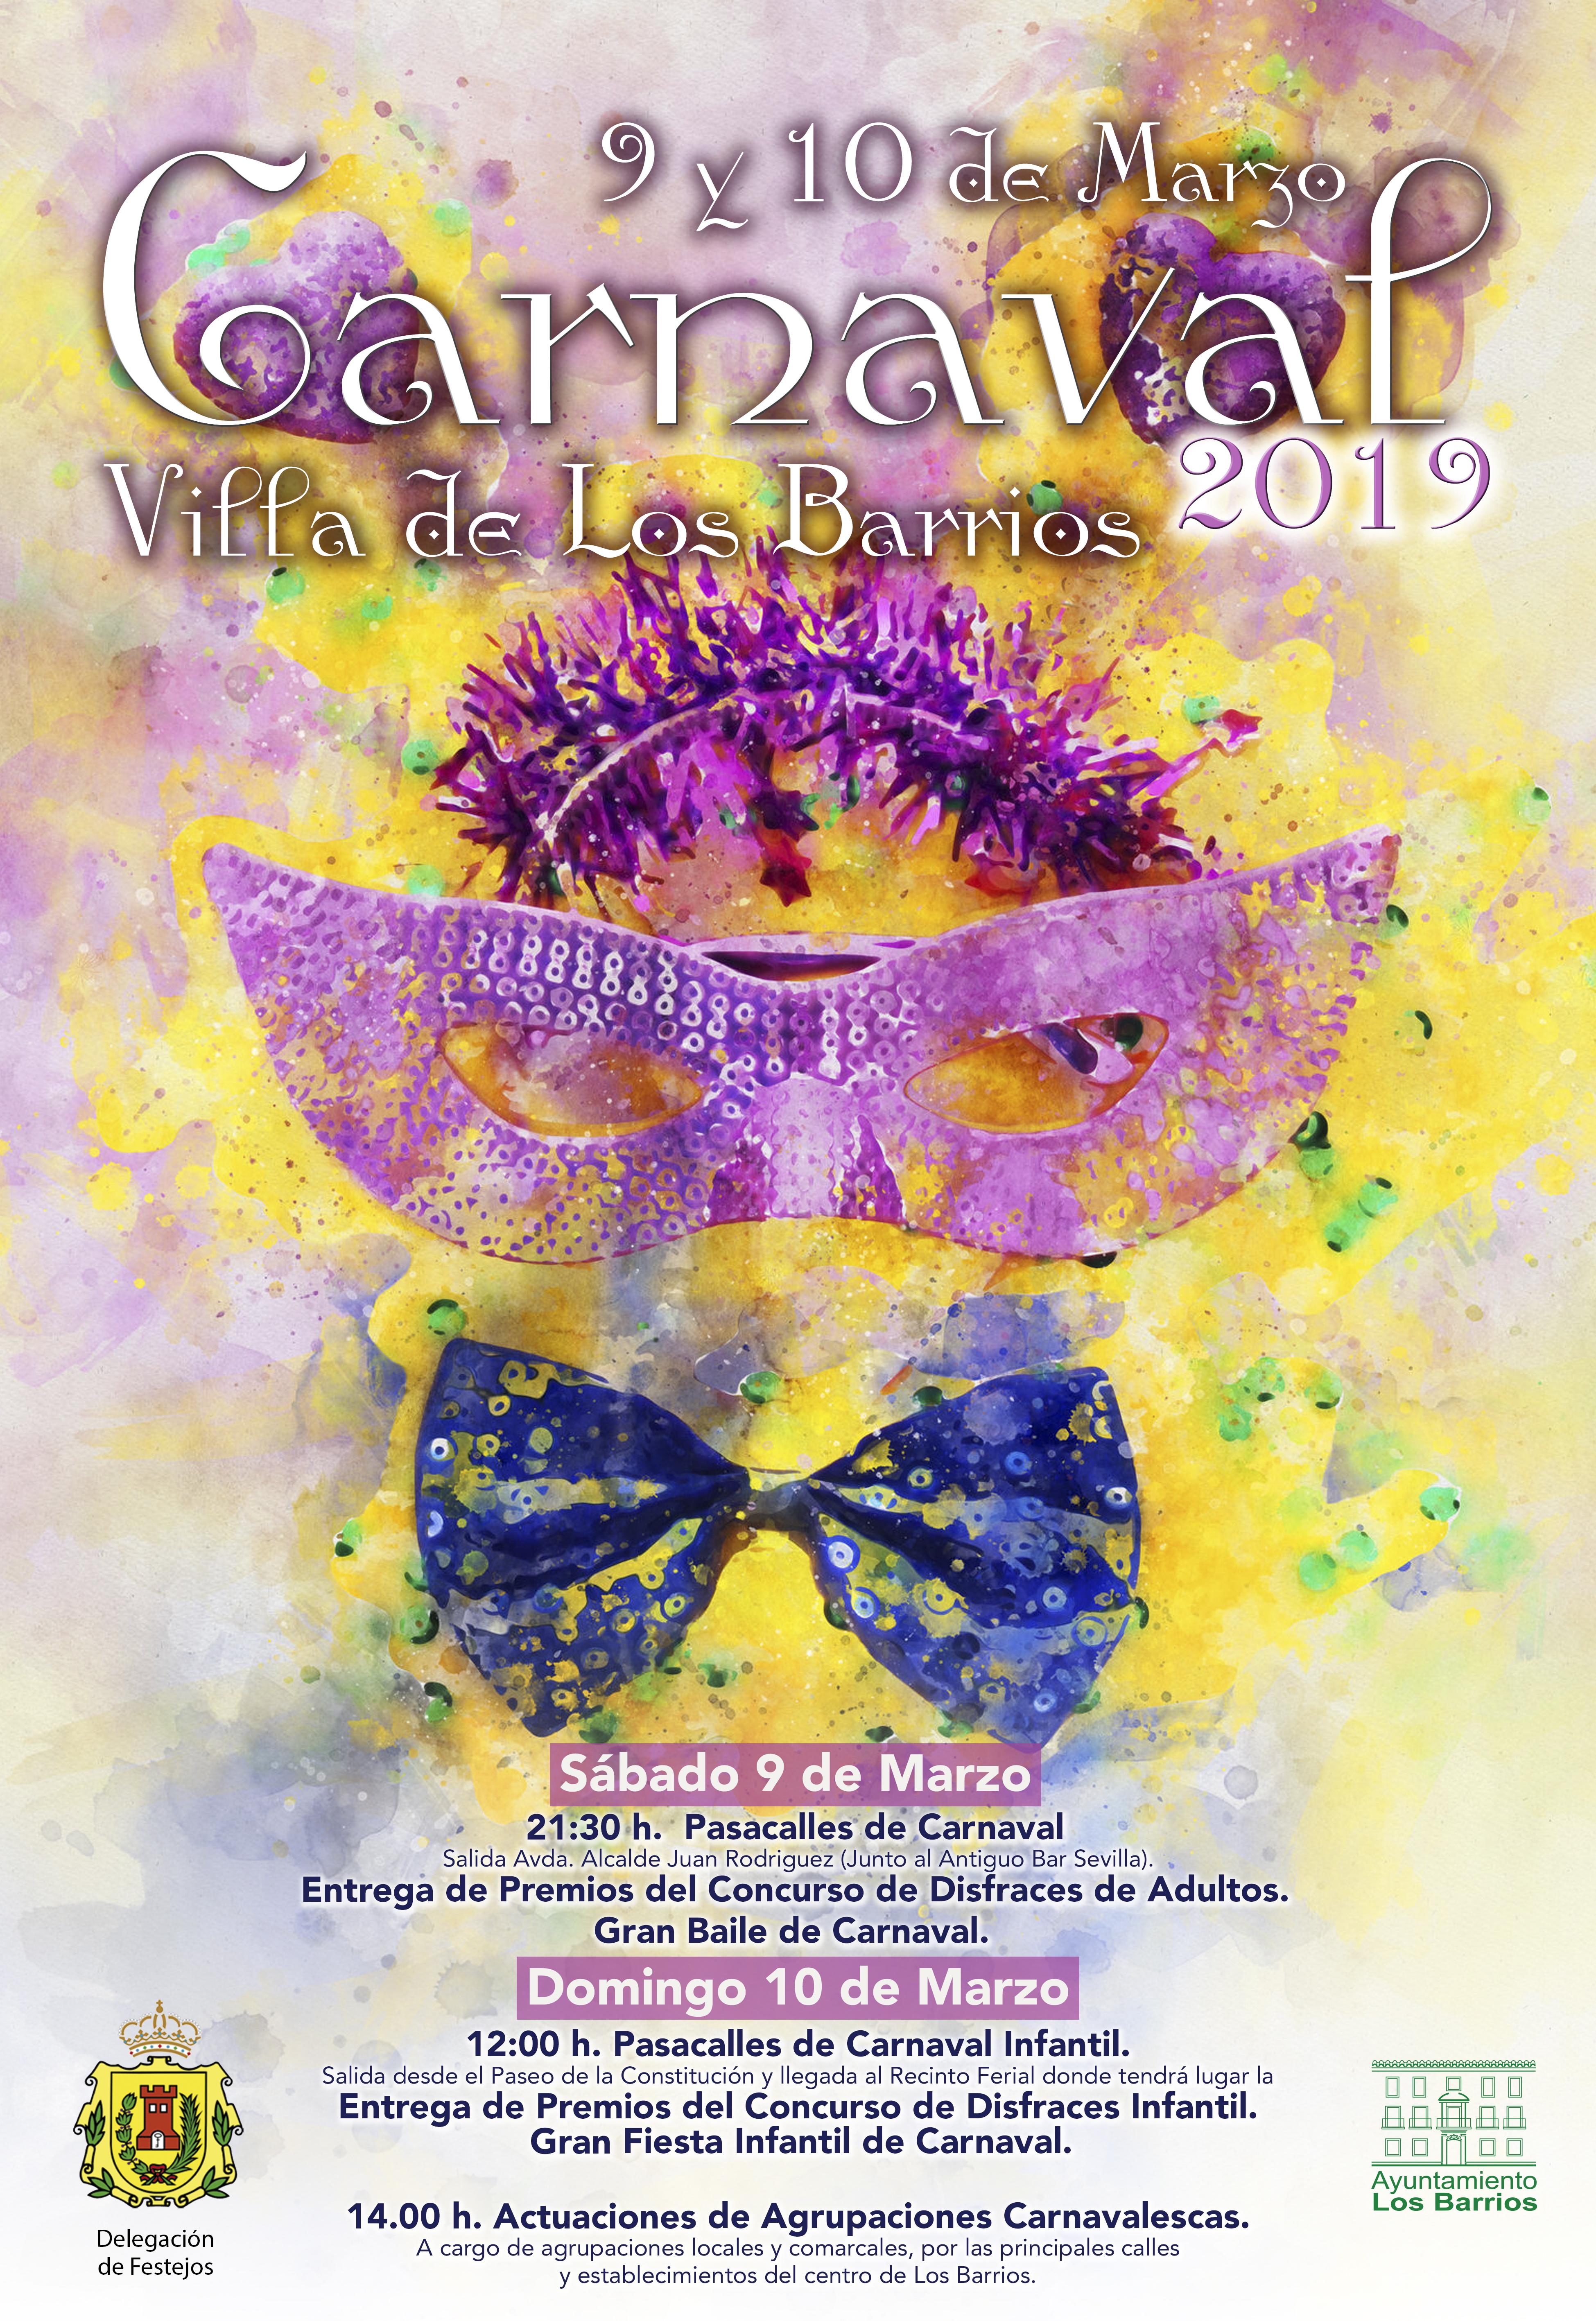 Carnaval en Los Barrios 9 y 10 de marzo.